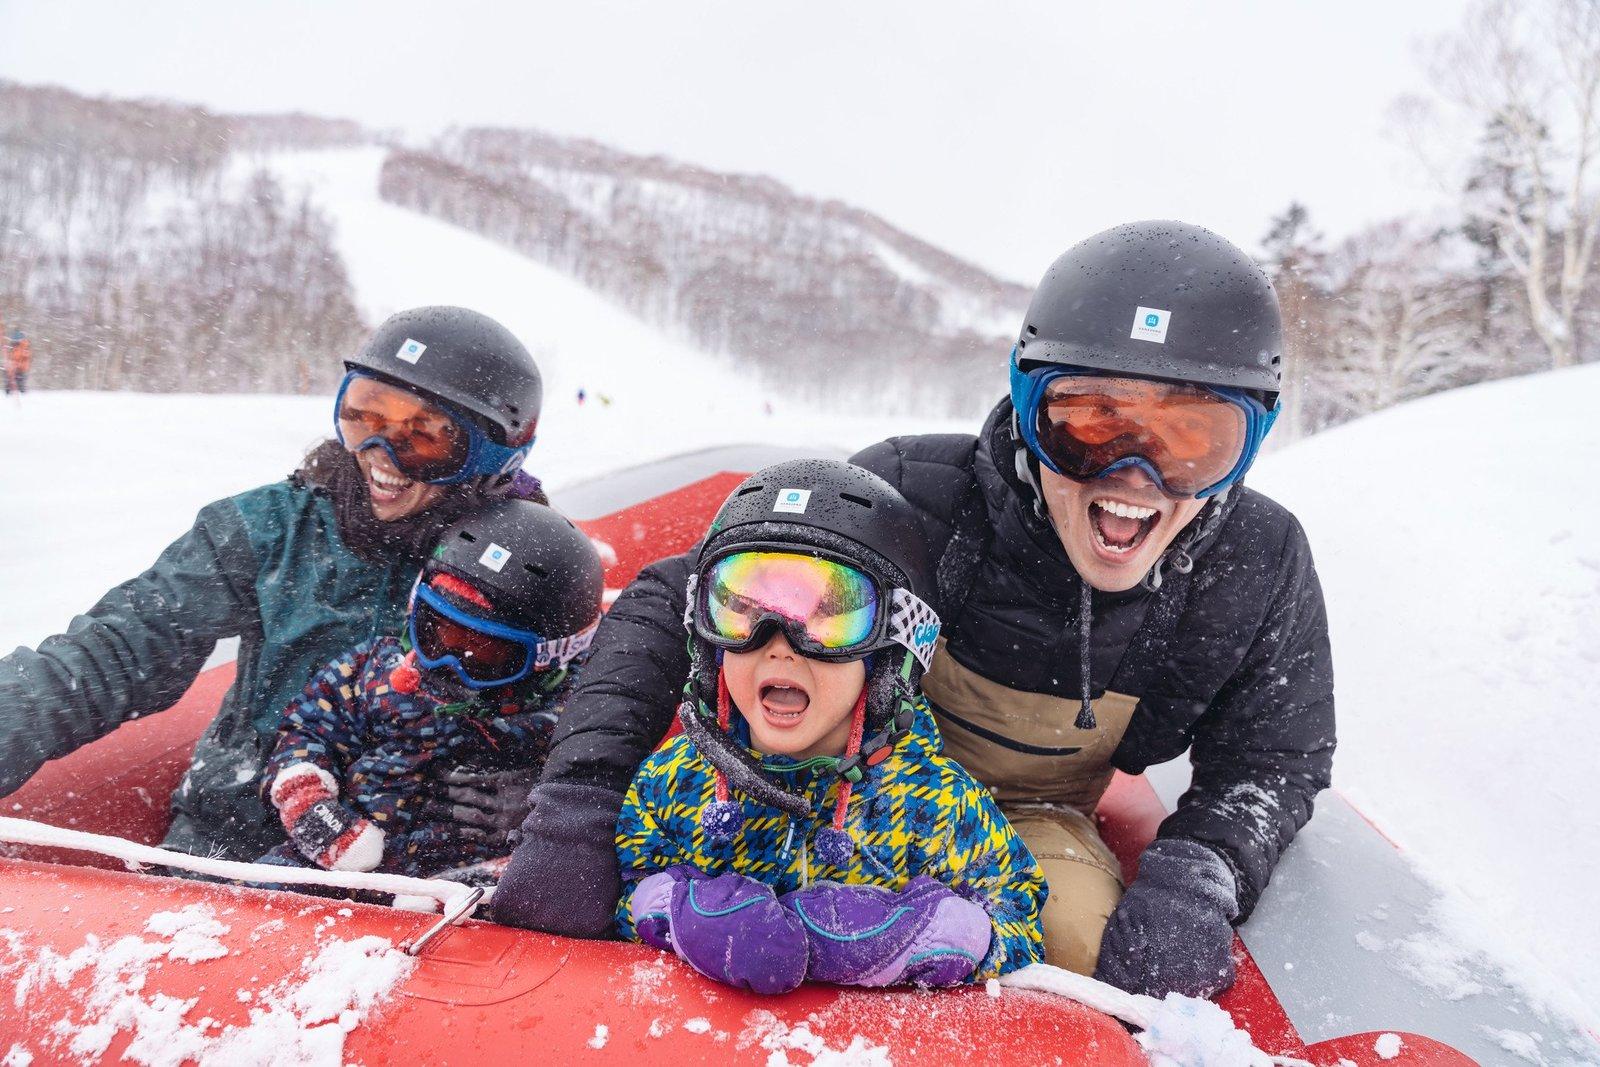 ニセコHANAZONOリゾートでスノーラフティングツアーを楽しむ家族